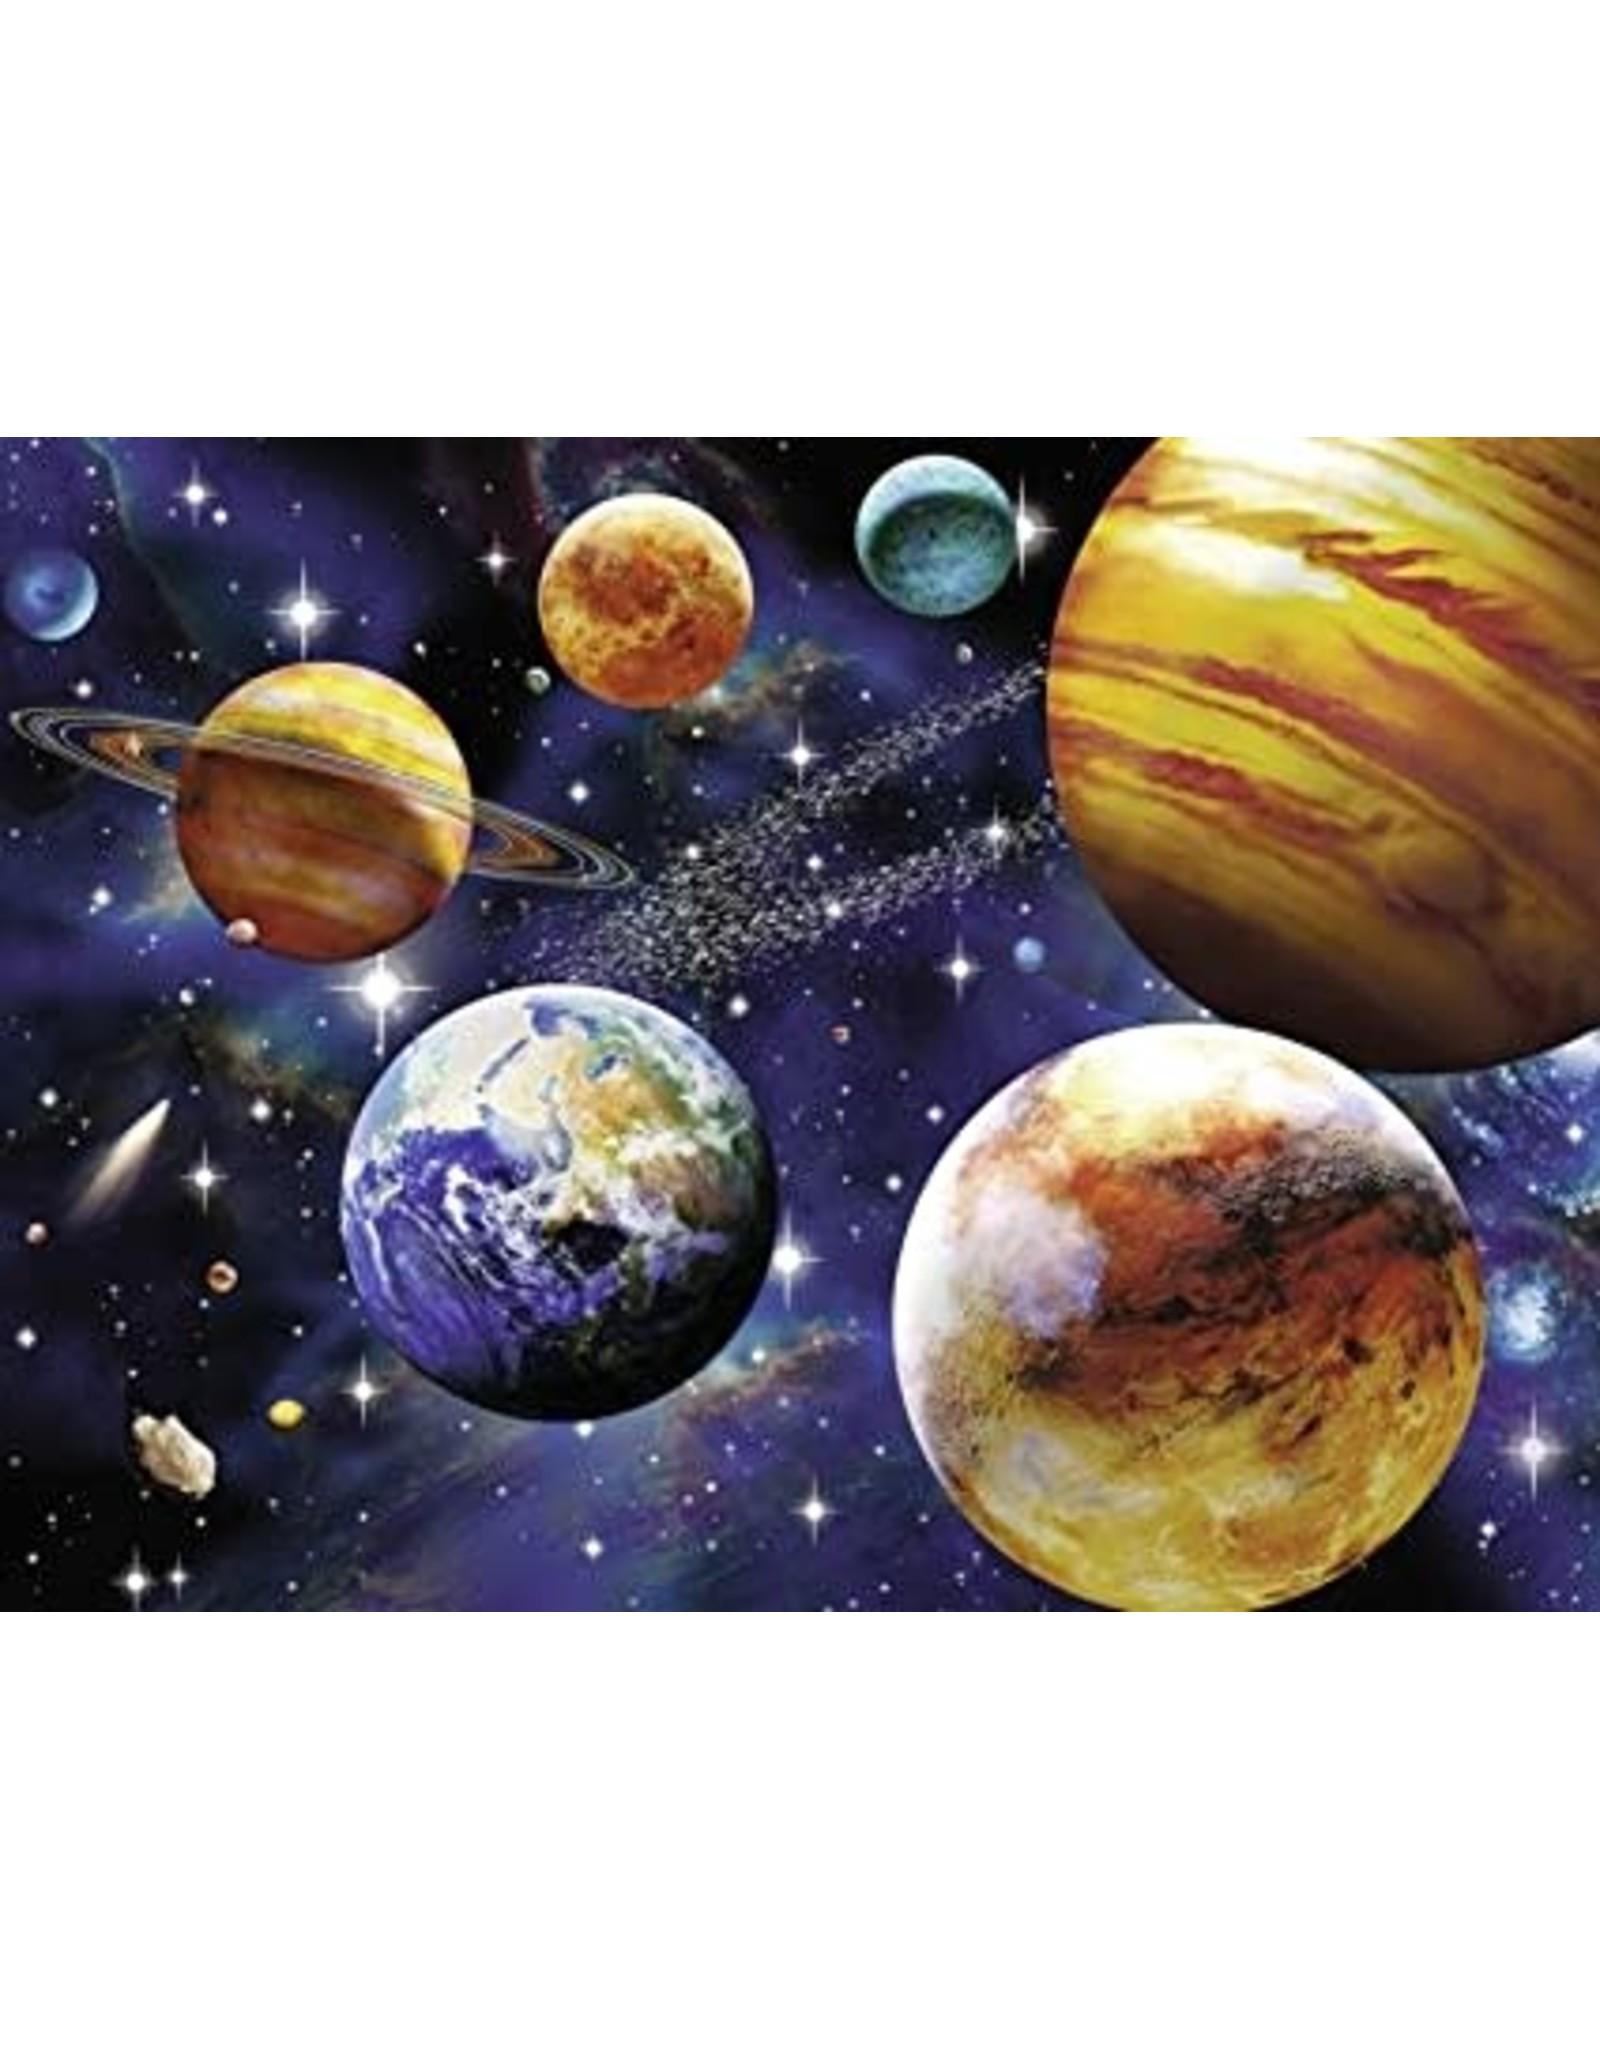 Ravensburger 100 pcs. Space Puzzle